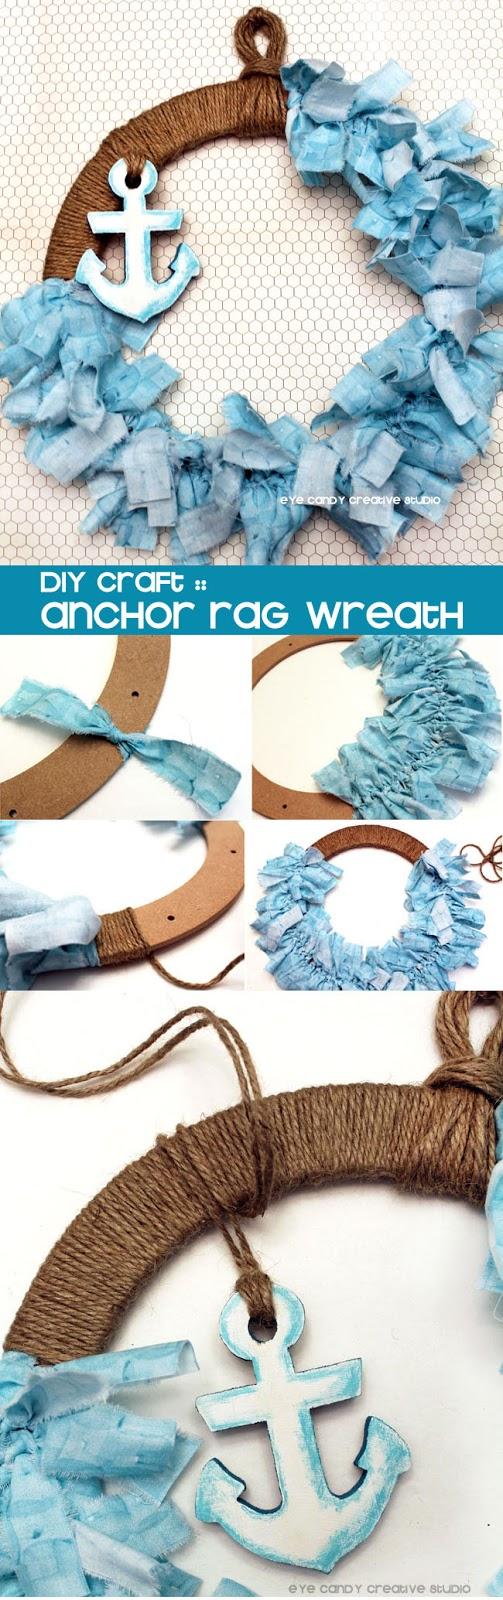 DIY craft, wreath, how to make a rag wreath, nautical wreath, beach theme